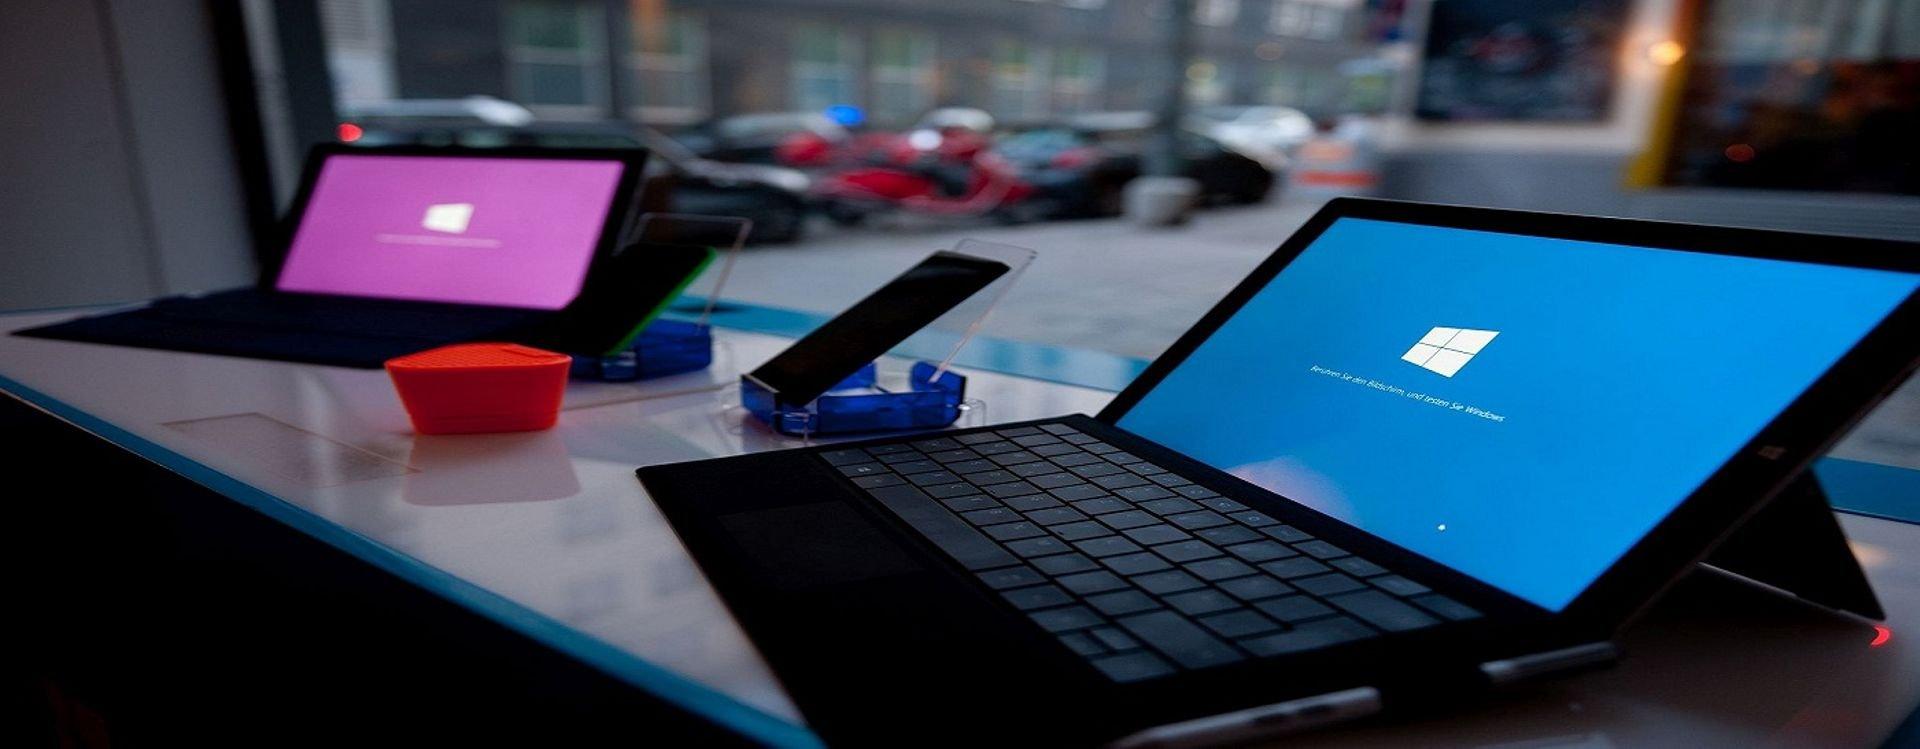 ما هي أفضل 5 أجهزة لابتوب رخيصة الثمن